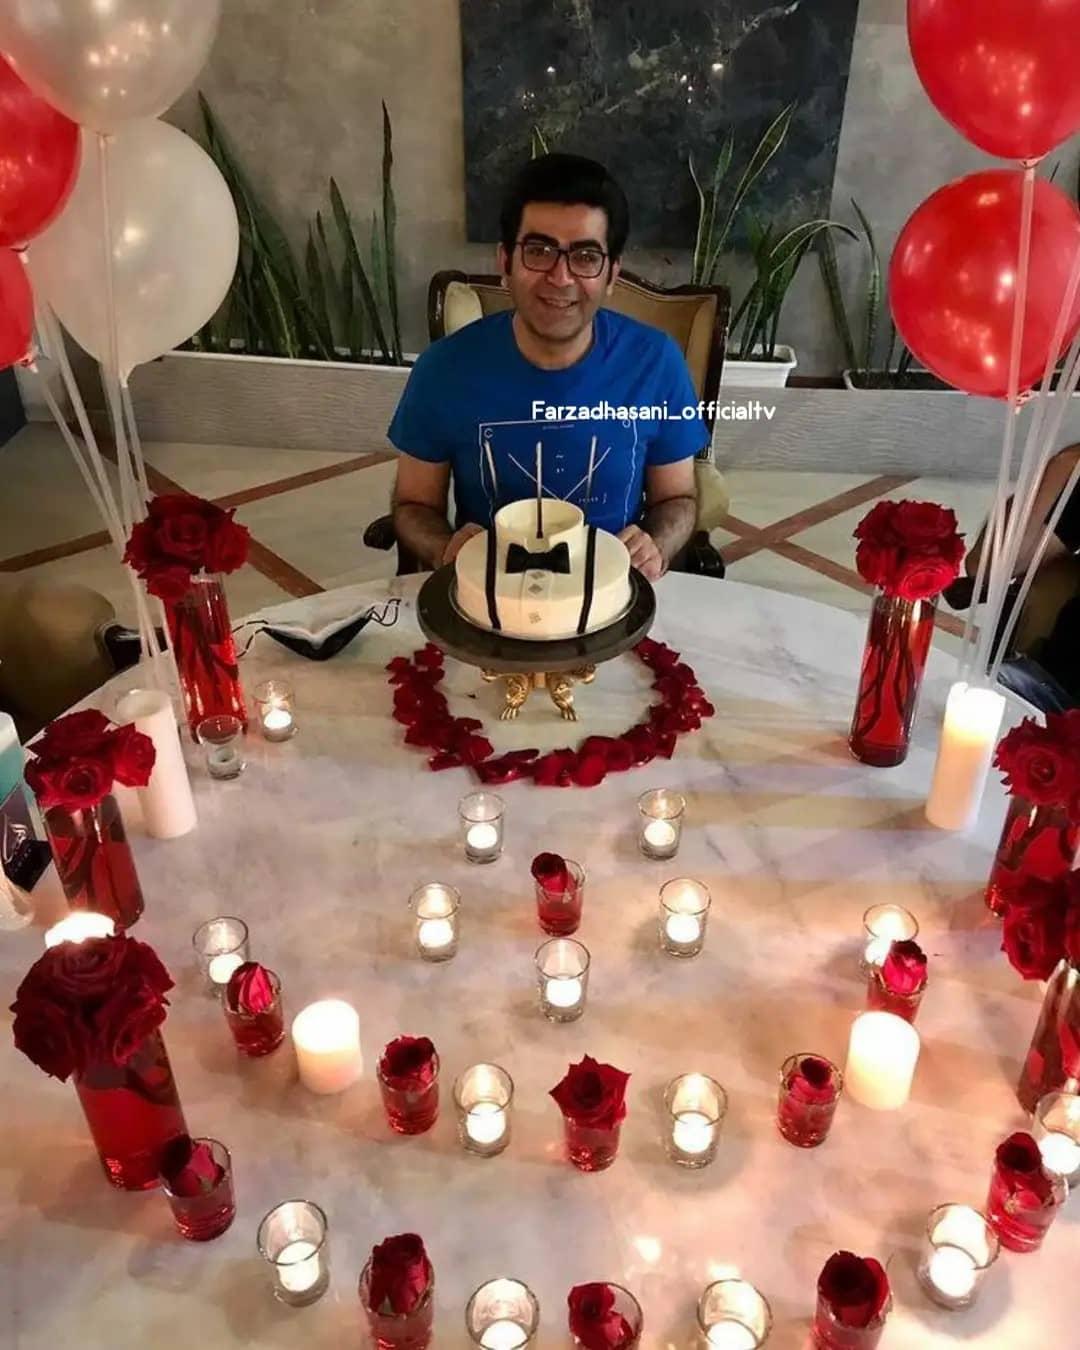 عکس عاشقانه فرزاد حسنی در جشن تولد 44 سالگی!